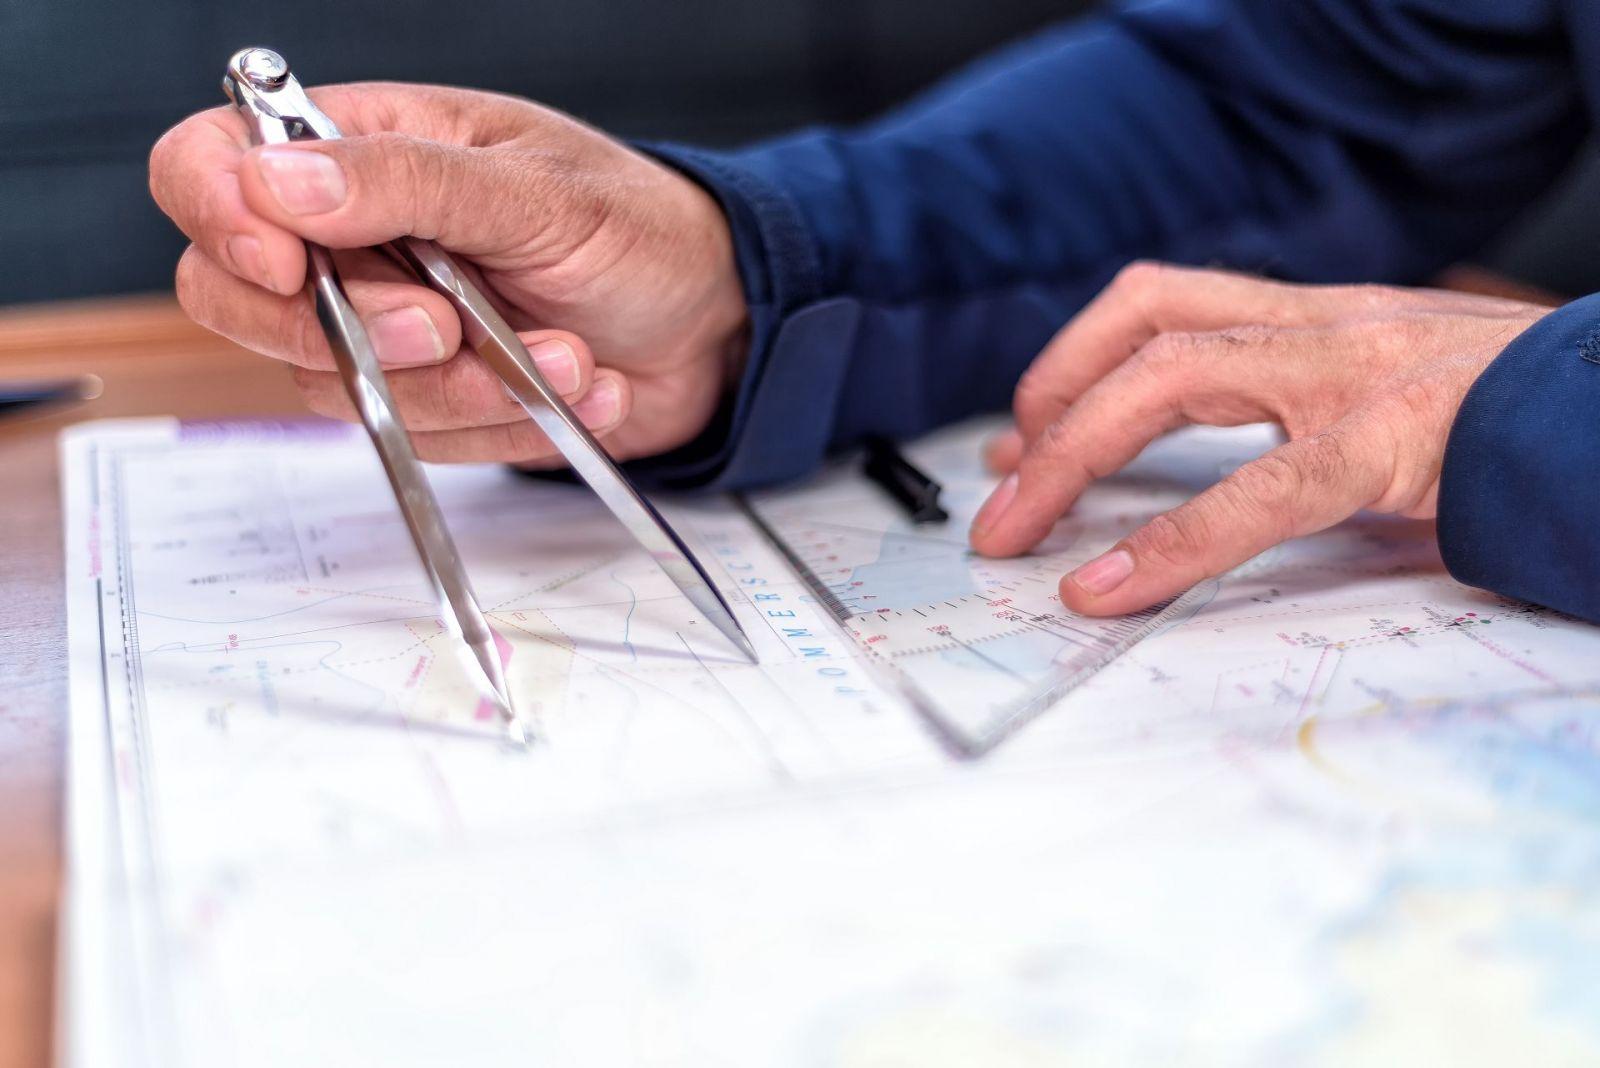 Zu den Themen beim Training gehört auch der Umgang mit Seekarten bei der Navigation und der Fahrtenplanung. ©cameris/AdobeStock